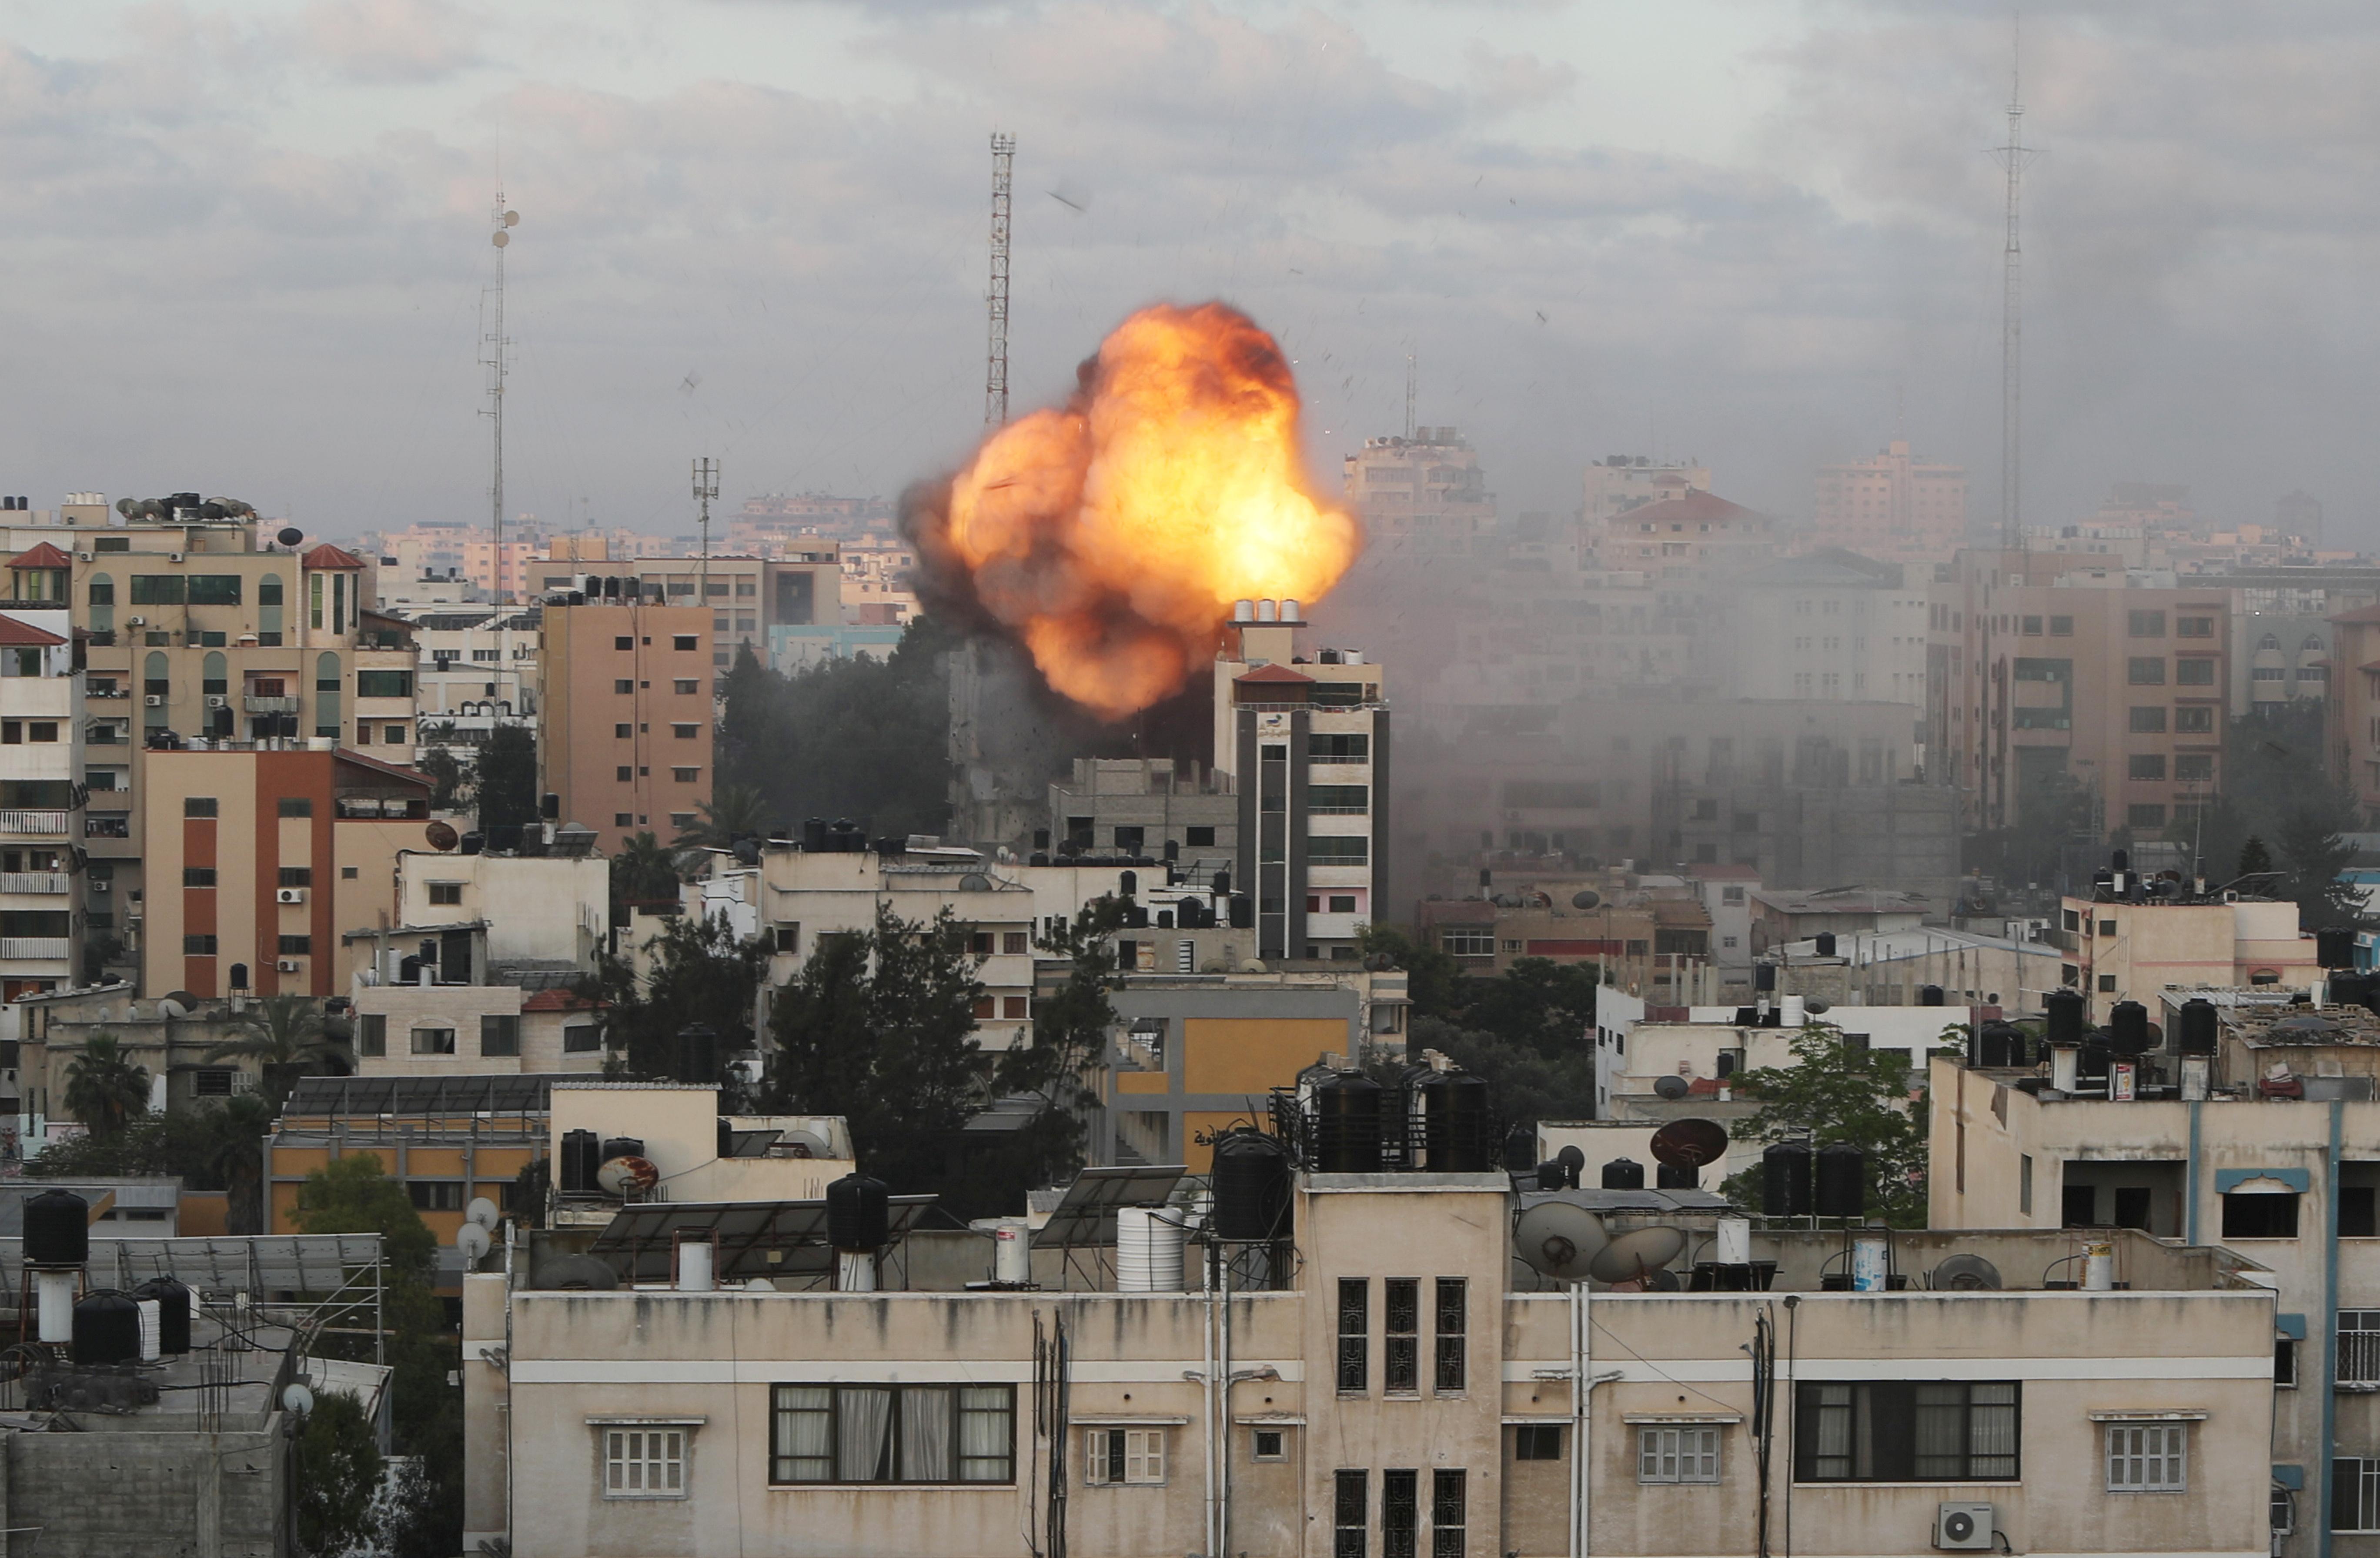 Se ven humo y llamas luego de un ataque aéreo israelí contra un edificio, en medio de un estallido de los combates entre israelíes y palestinos, en la ciudad de Gaza el 18 de mayo de 2021. REUTERS / Mohammed Salem